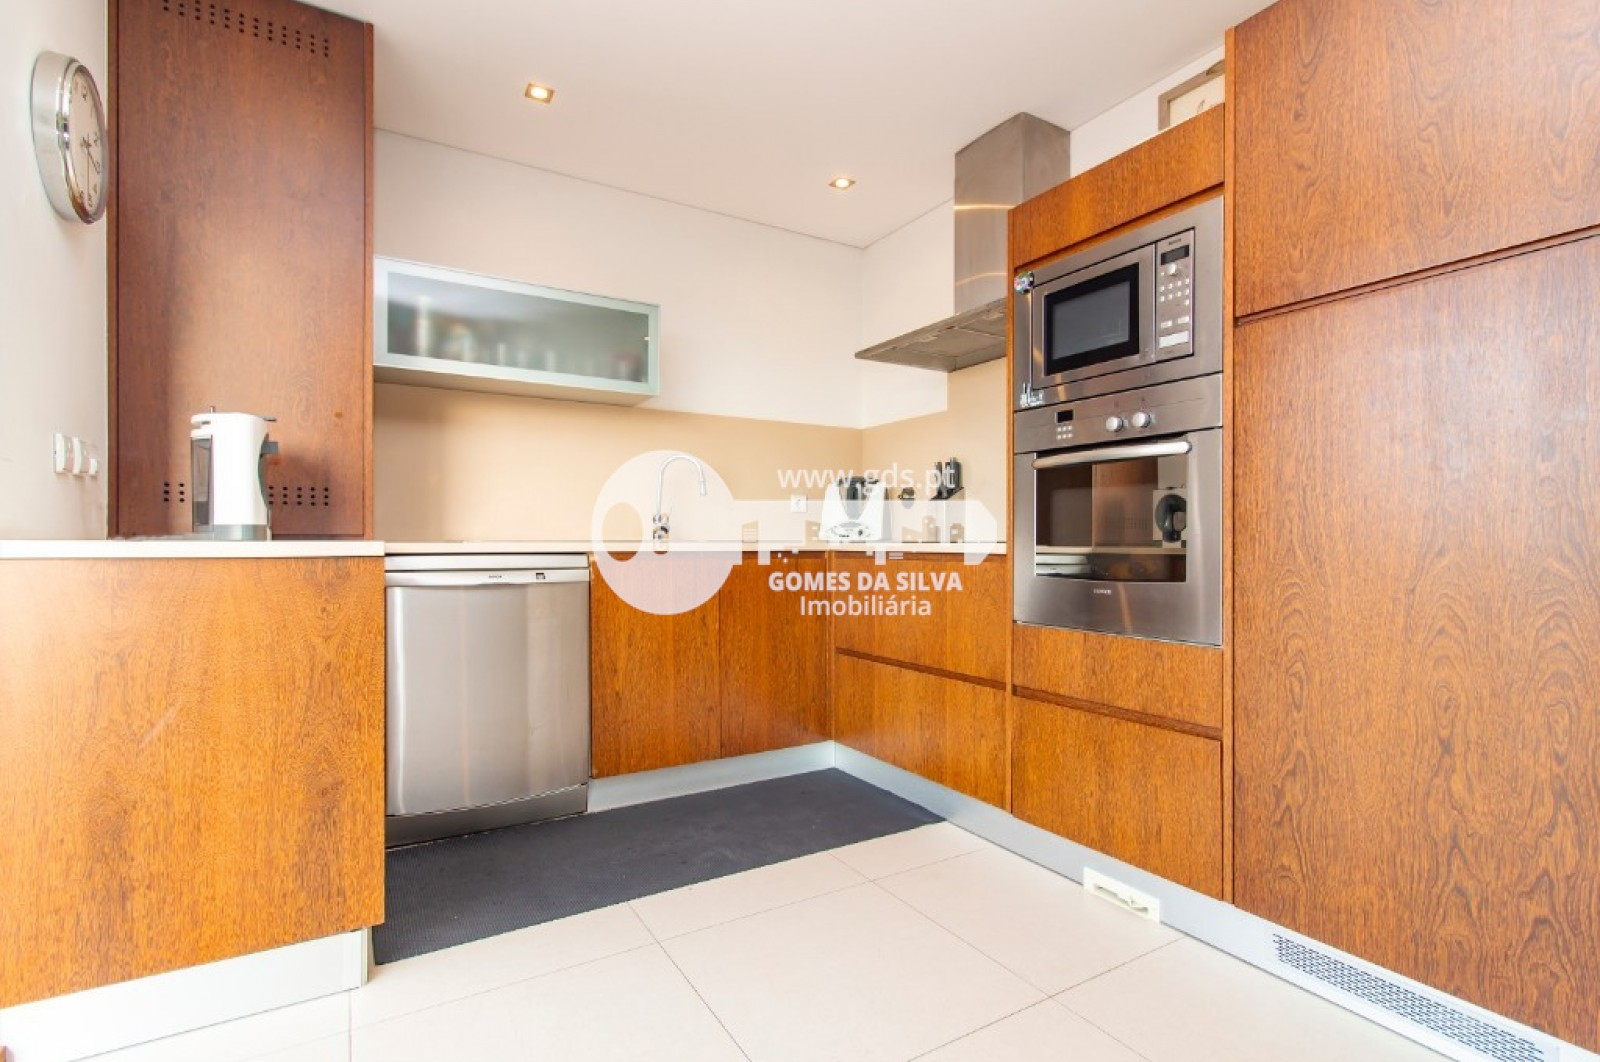 Apartamento T3 para Venda em Nogueira, Fraião e Lamaçães, Braga, Braga - Imagem 23